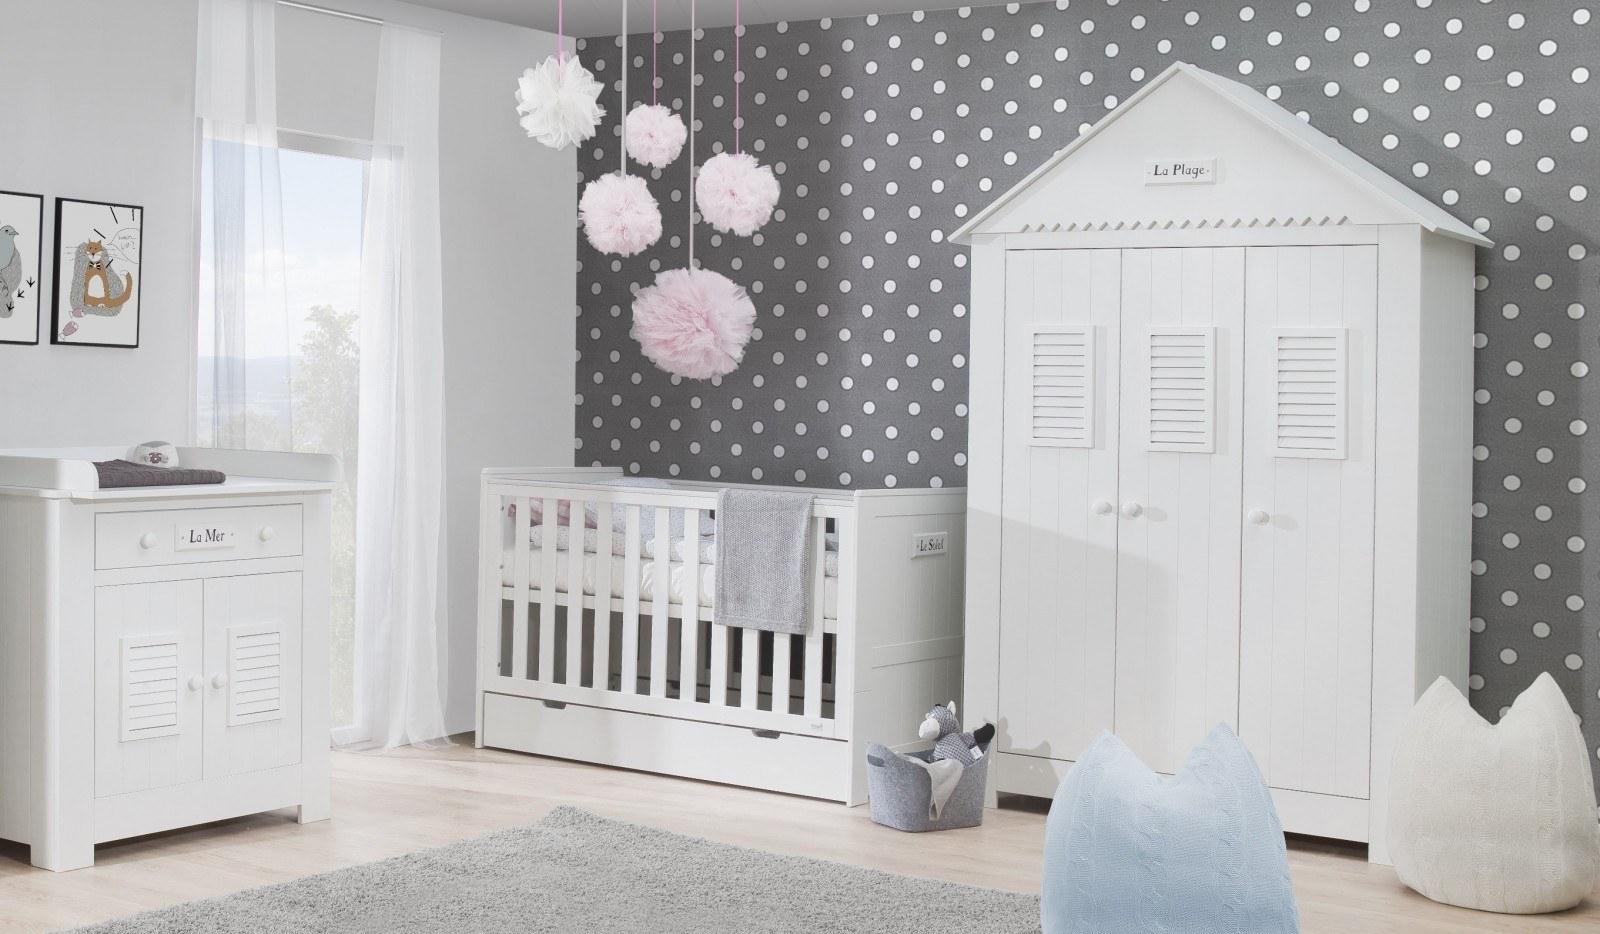 Full Size of Baby Kinderzimmer Komplett Dusche Set Bett 160x200 Schlafzimmer Komplettangebote Sofa Regale Komplettes Regal Babyzimmer 180x200 Mit Lattenrost Und Matratze Kinderzimmer Baby Kinderzimmer Komplett